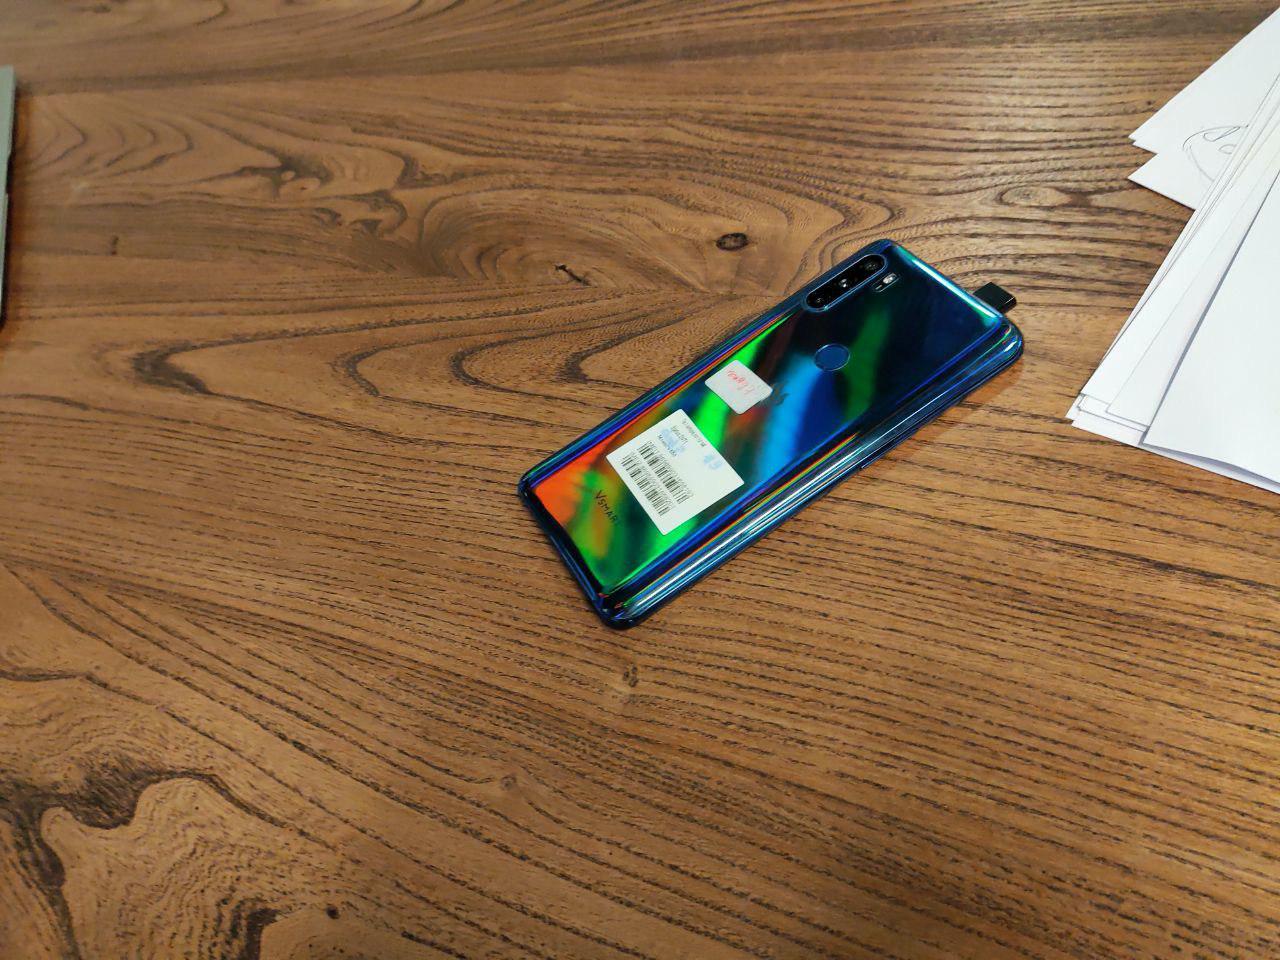 VinSmart заготовила минимум 5 моделей смартфонов настарт 2020 года. Будут сNFC